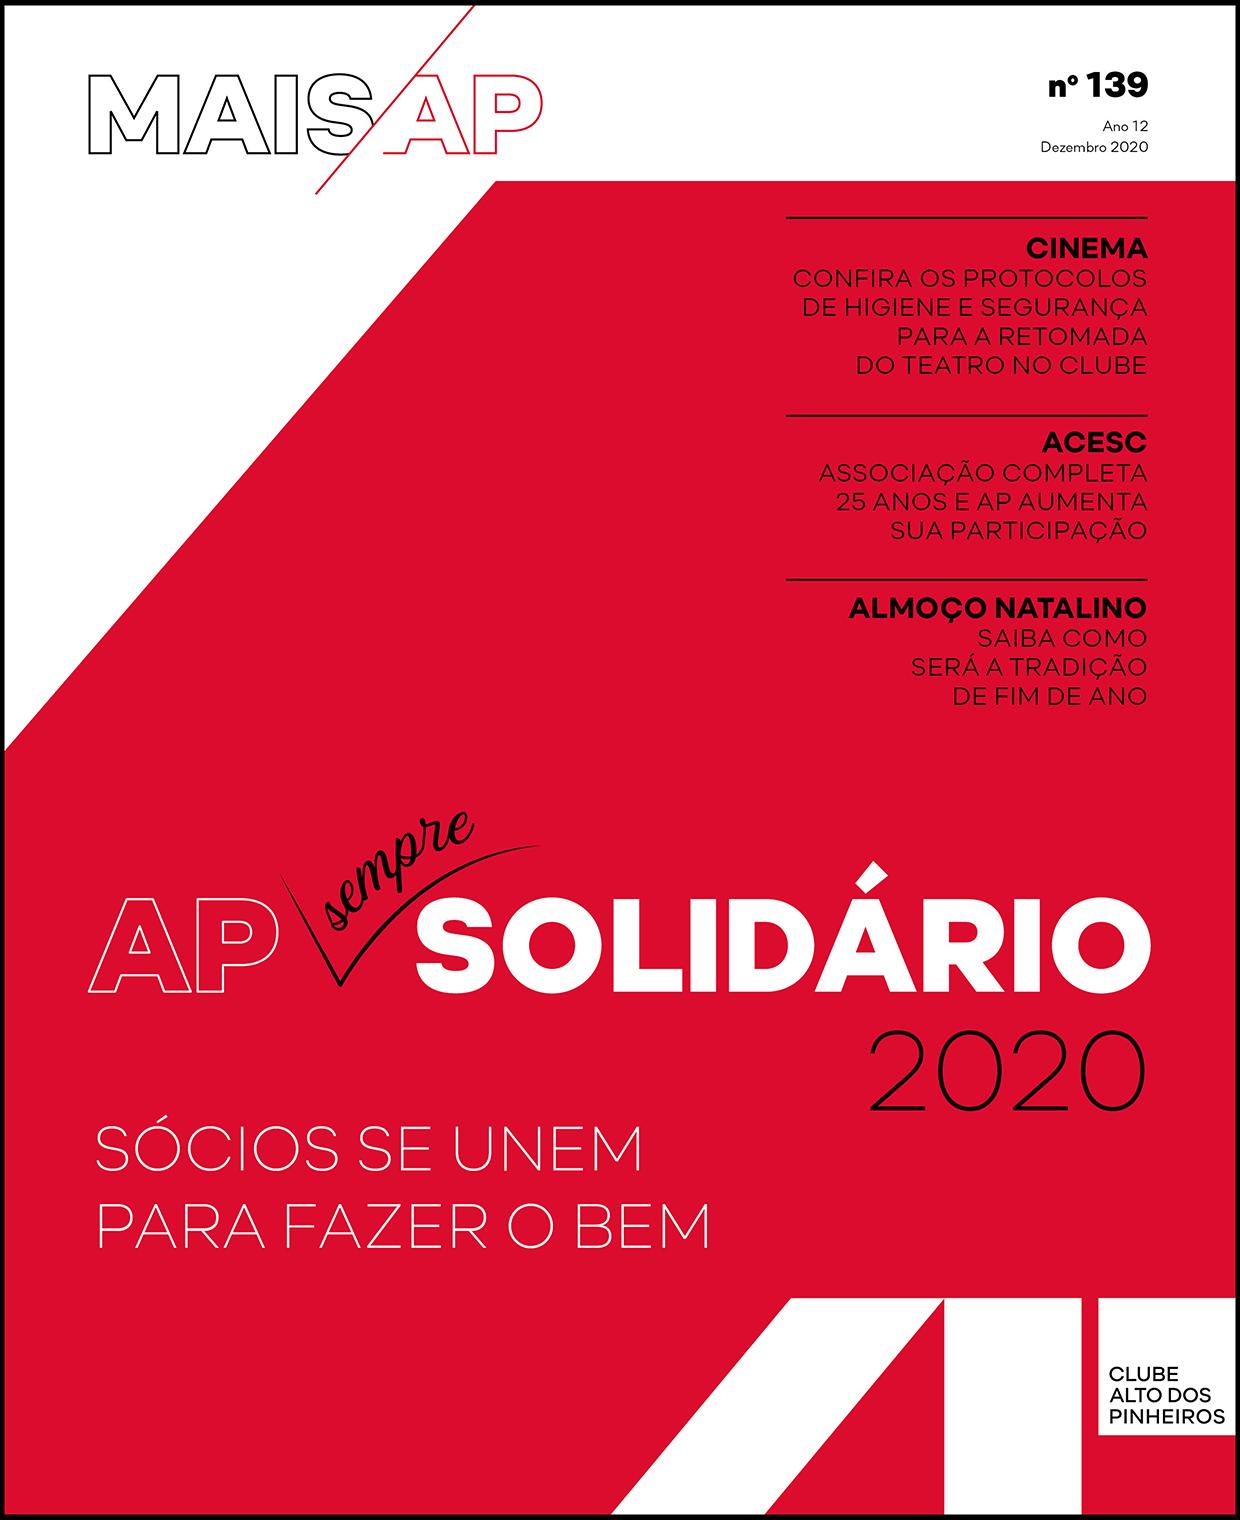 https://www.clubeap.com.br/wp-content/uploads/2020/12/maisap139-capa.jpg